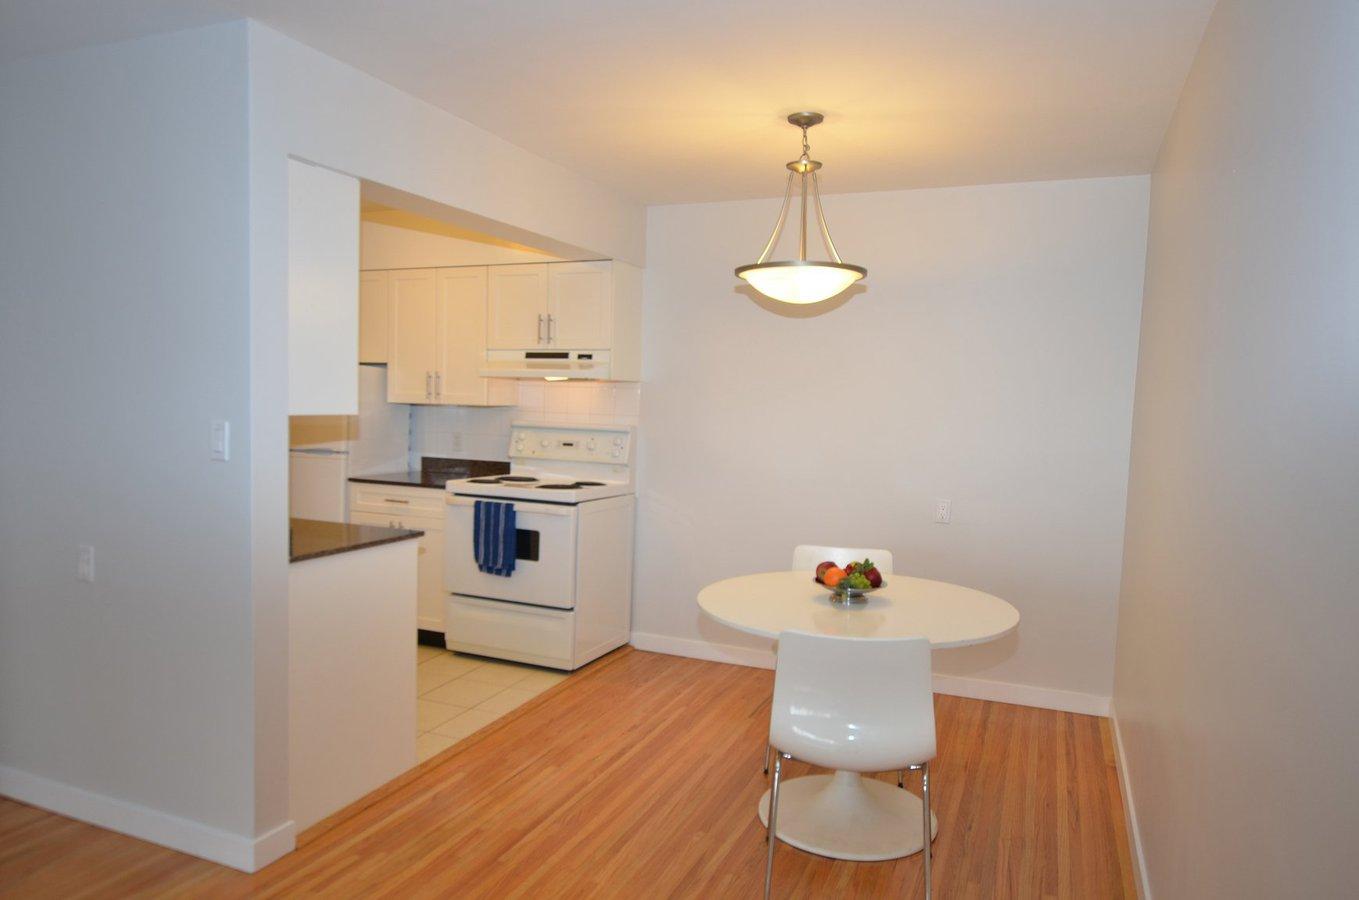 Rentals Ca Oakridge Apartments Condos And Houses For Rent